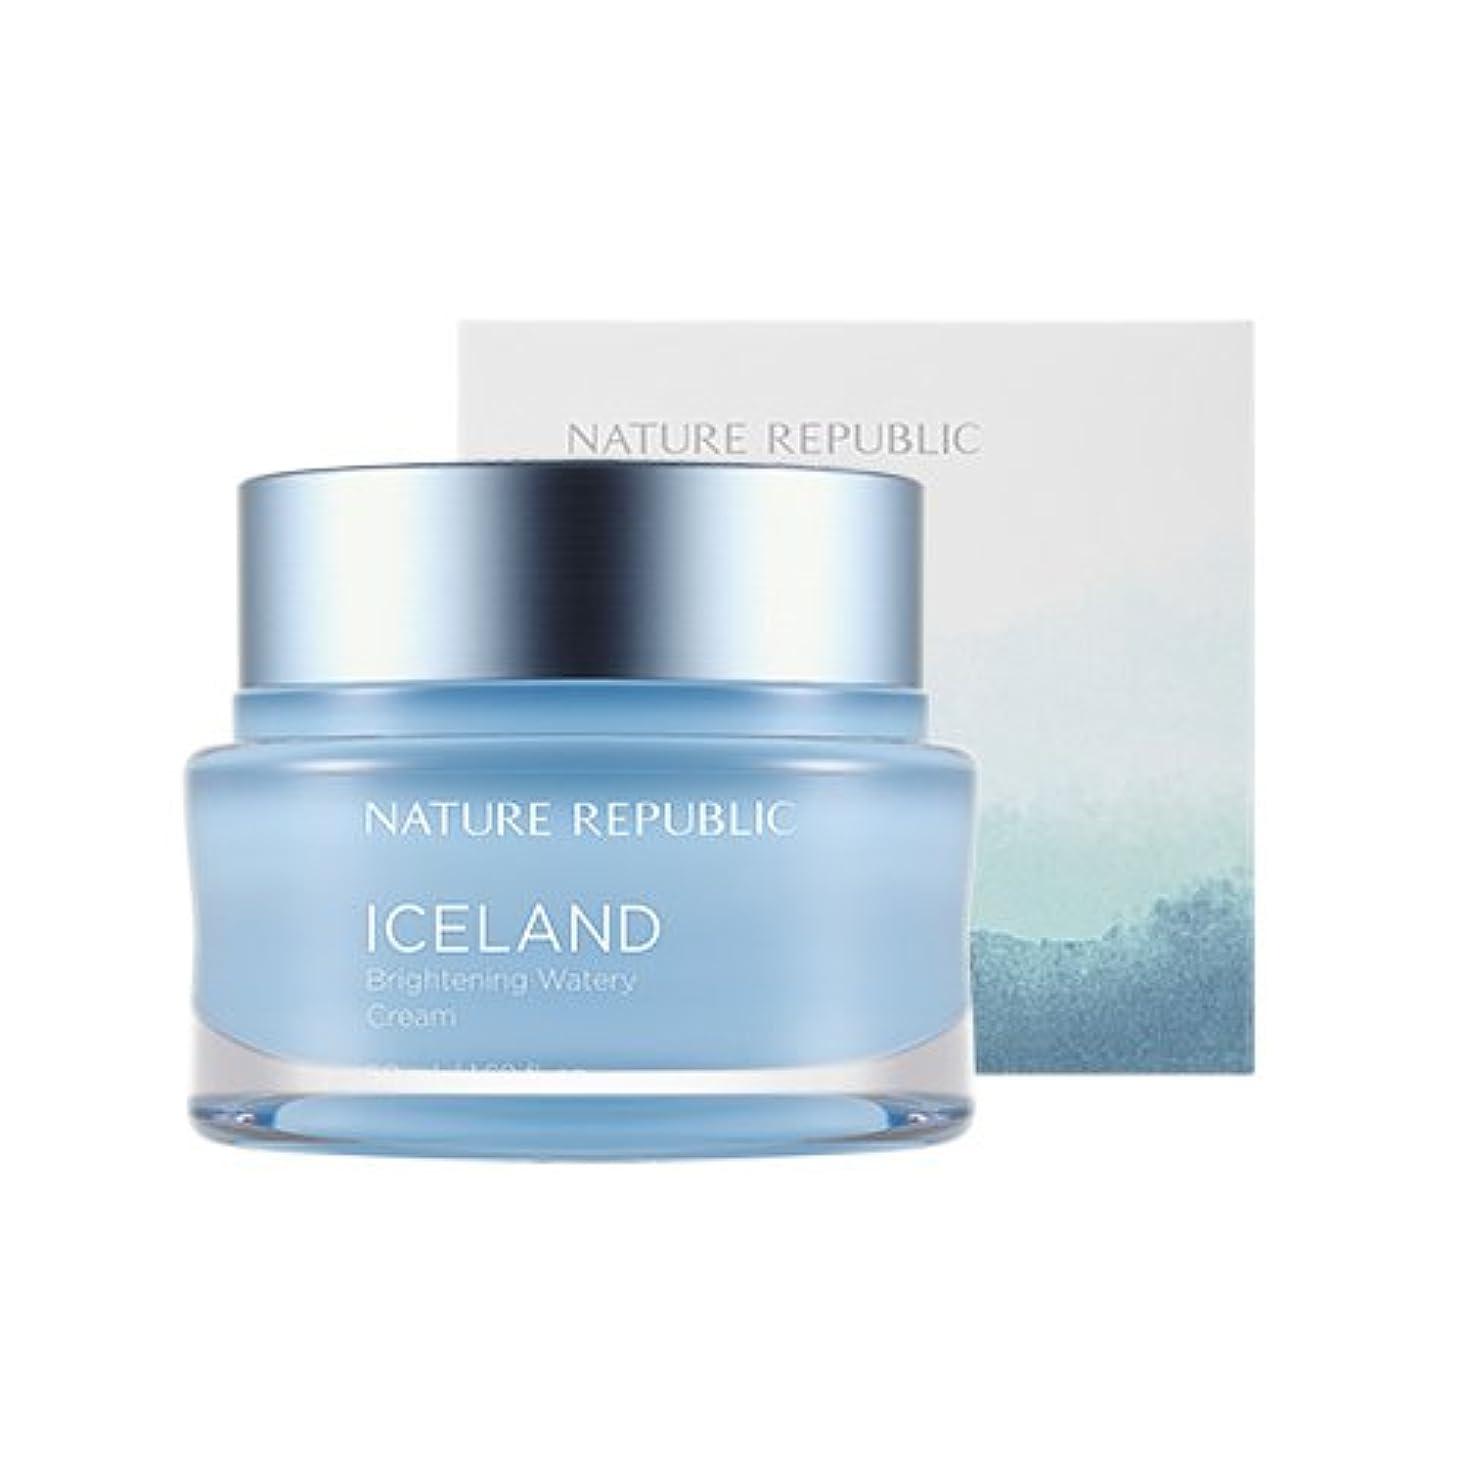 ロビー詐欺討論Nature Republic Iceland Brightening Watery Cream 50ml / ネイチャーリパブリック アイスランドランドブライトニング水分クリーム 50ml [並行輸入品]